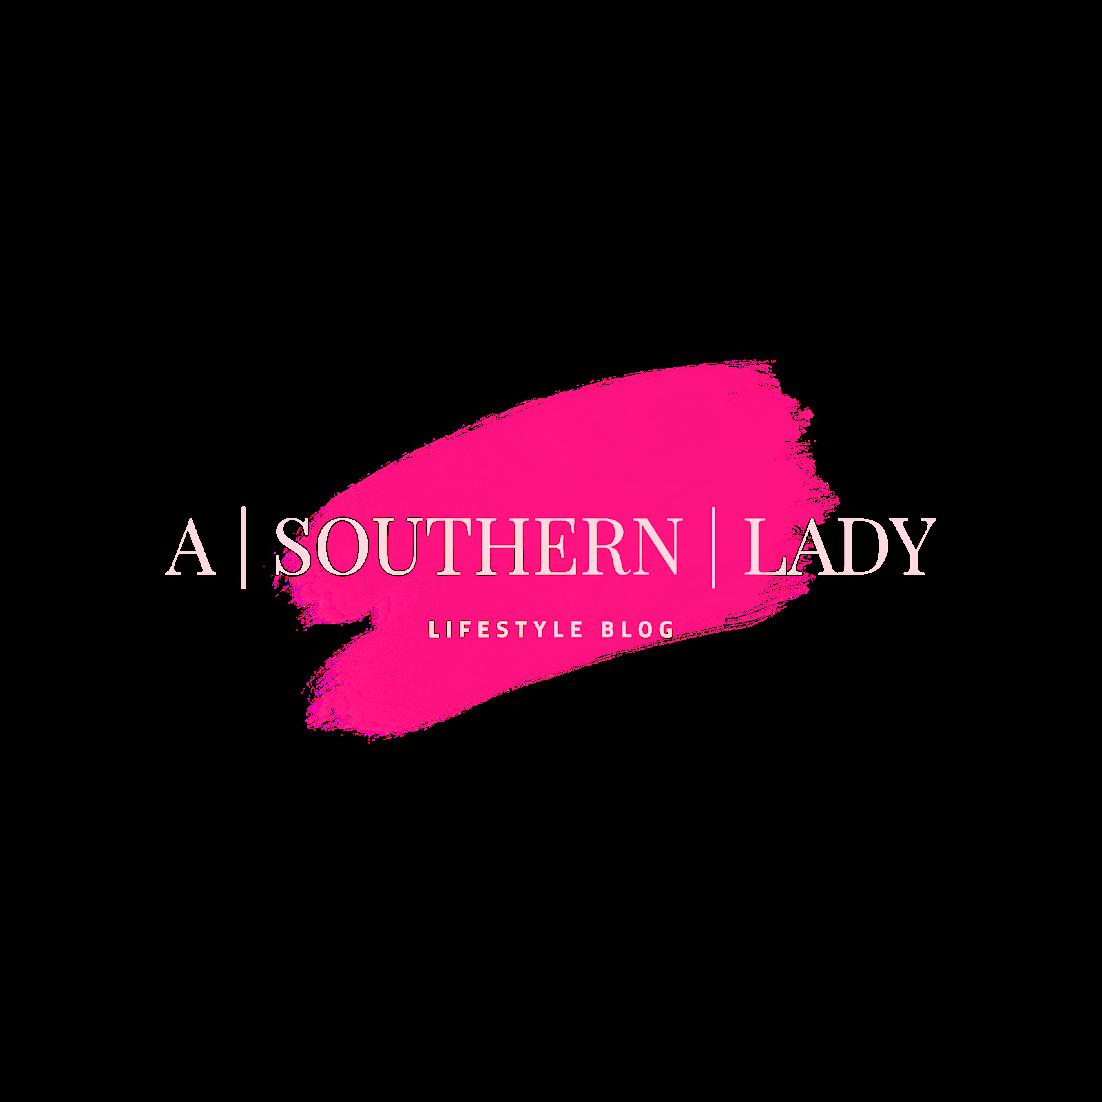 A Southern Lady